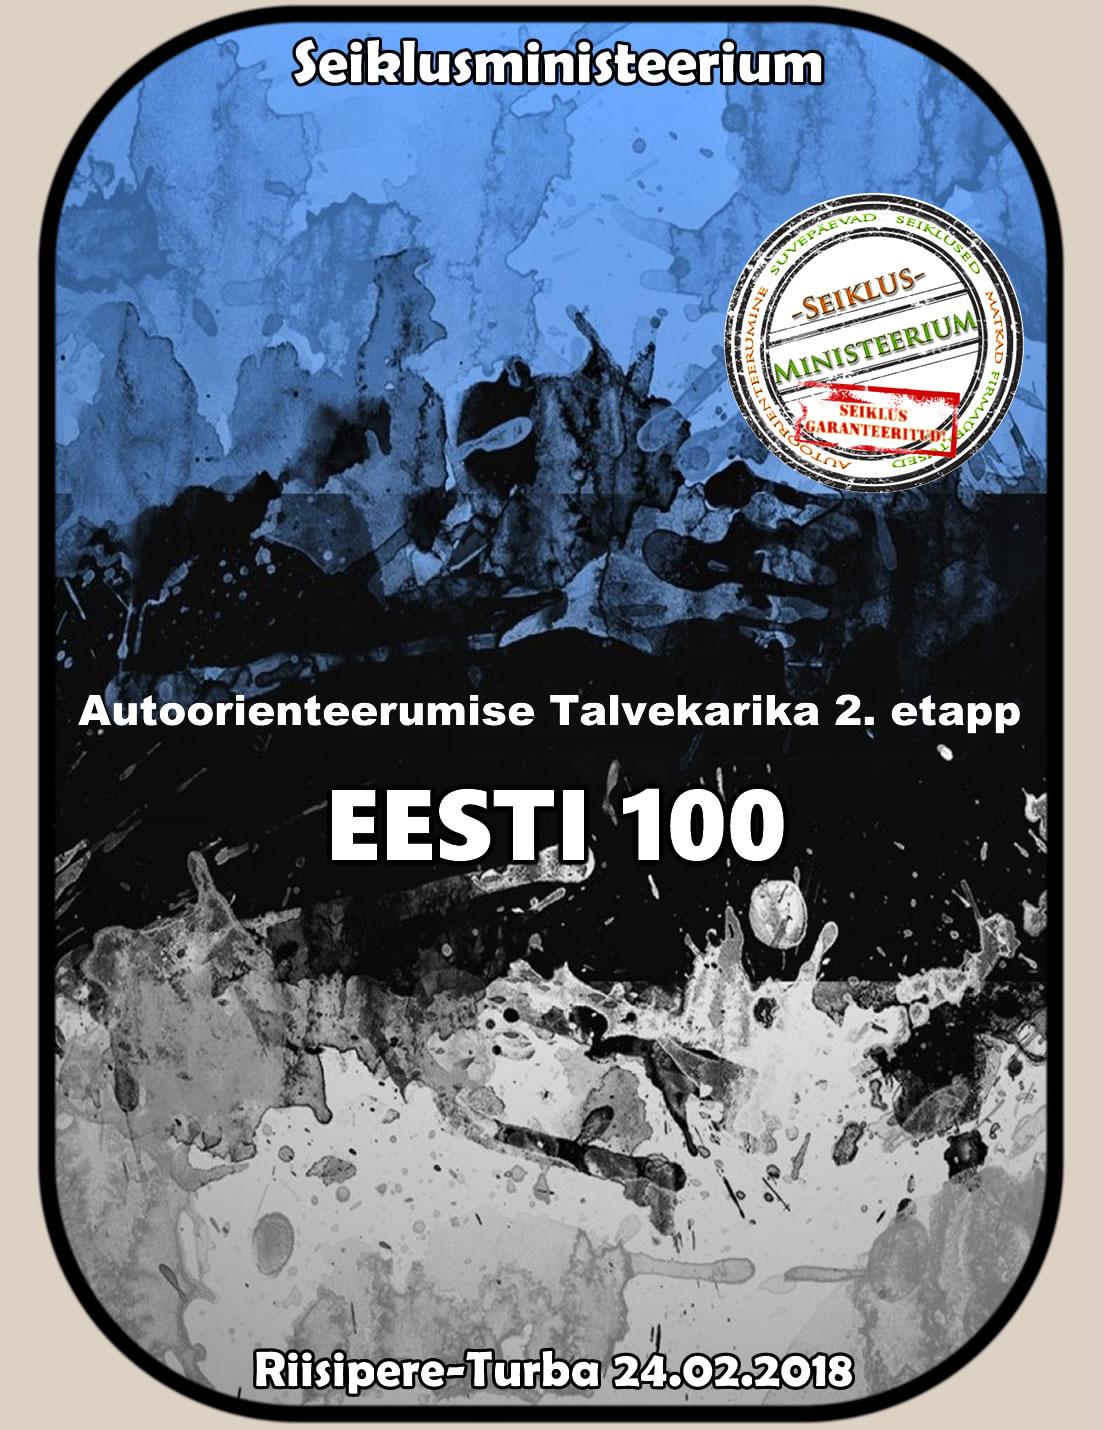 Autoorienteerumise Karikasarja 2. etapp Riisipere-Turba 24.02.18